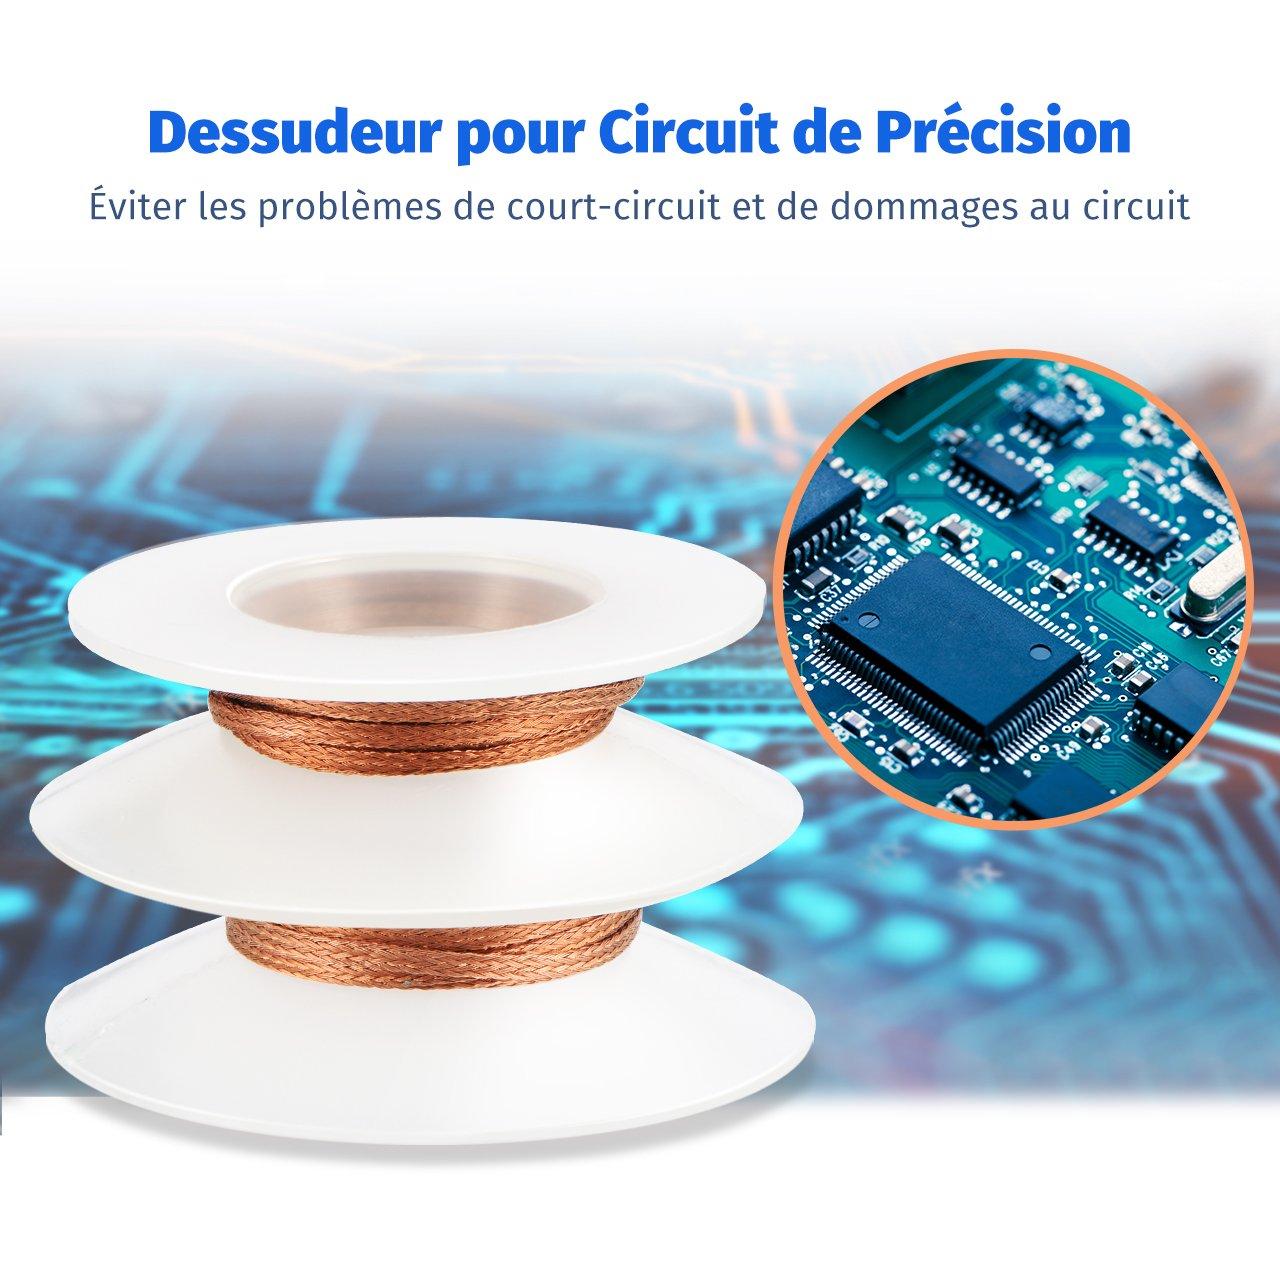 VicTsing Pompe /à dessouder Enl/èvement de Soudure de Cartes de Circuits Imprim/és avec 2 Tresses /à Souder Entretien de Lappareil et Plus